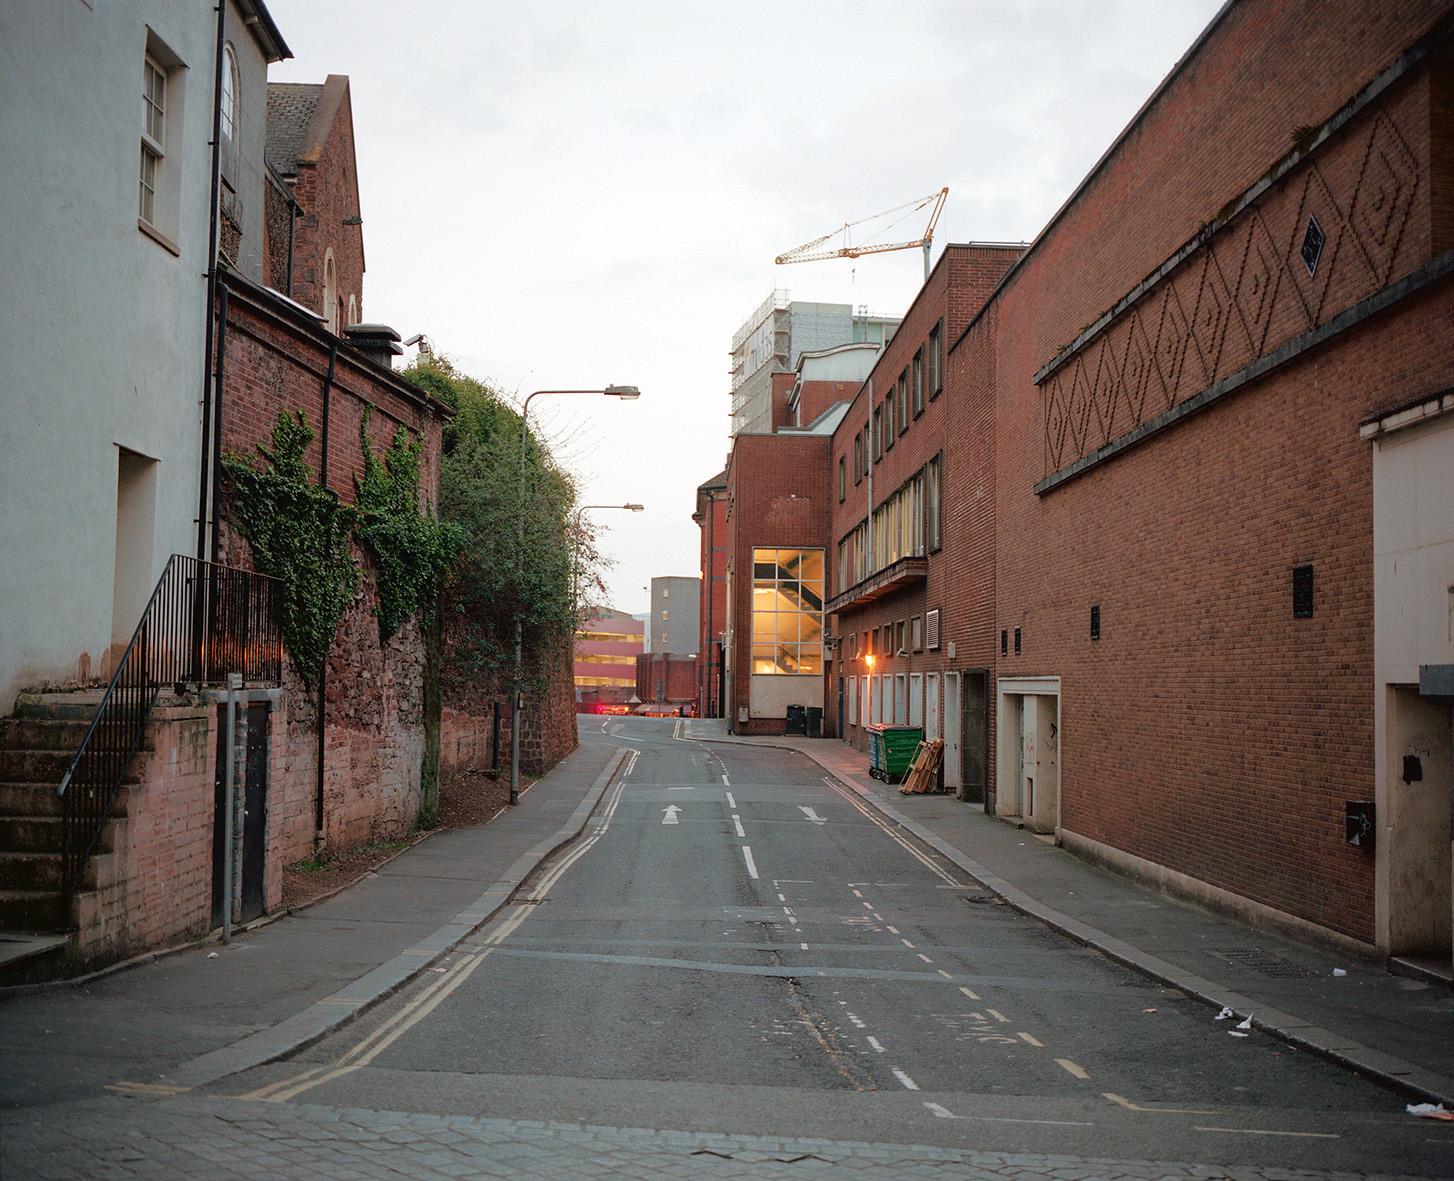 Exeter, UK. 2012